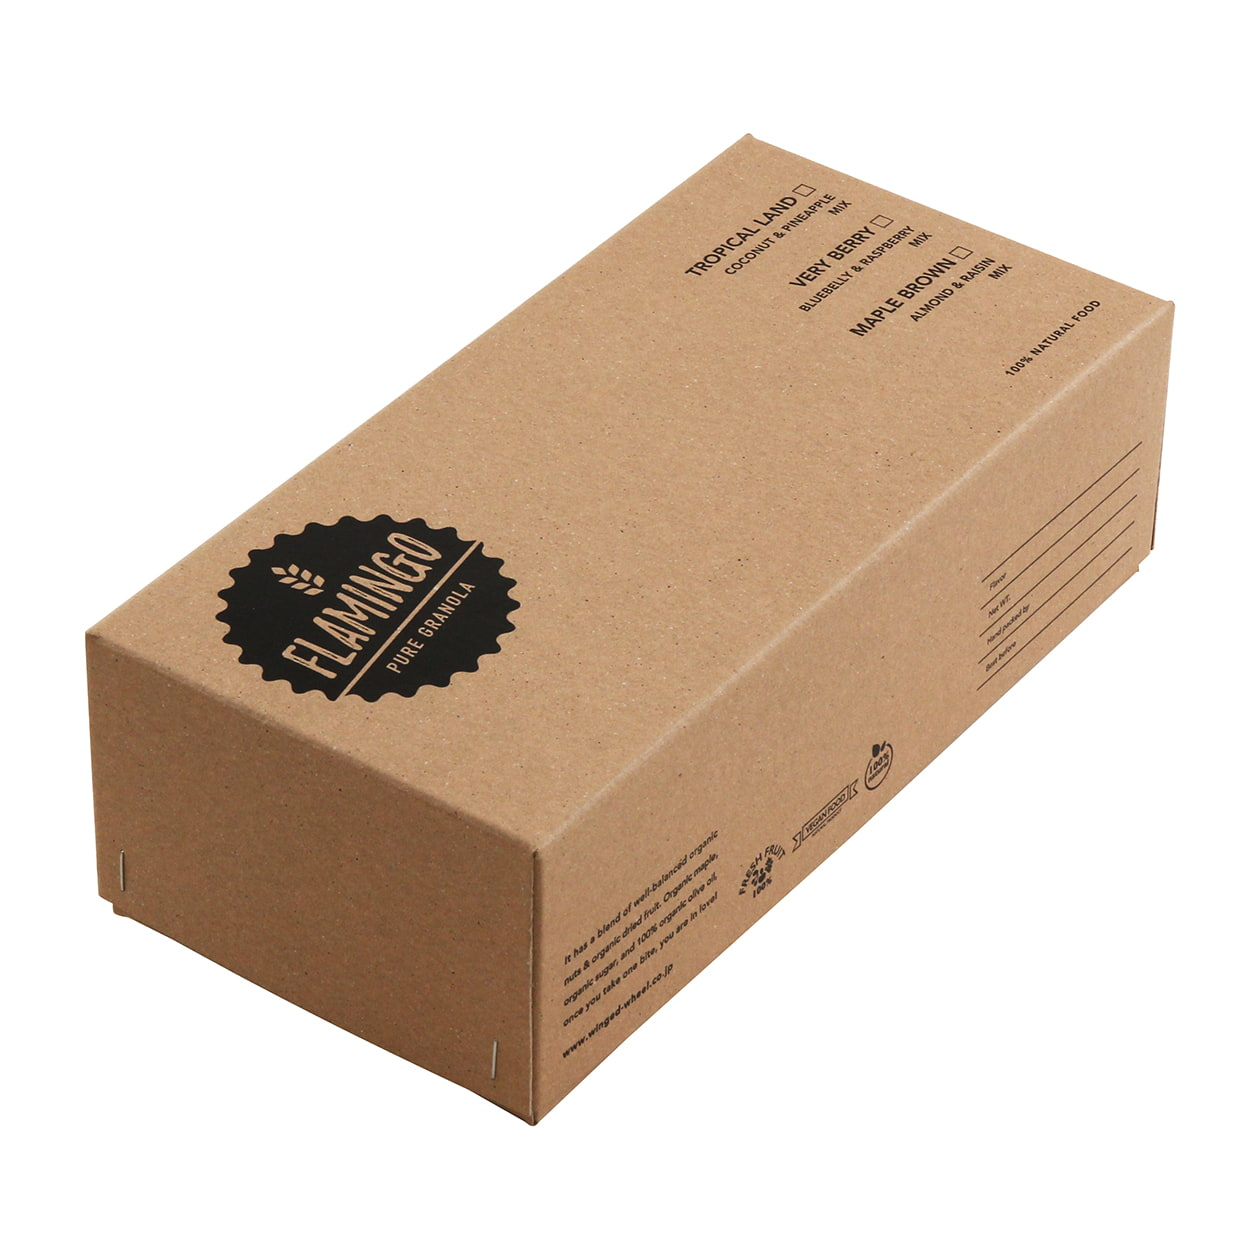 サンプル 箱(ホッチキス箱) 00008